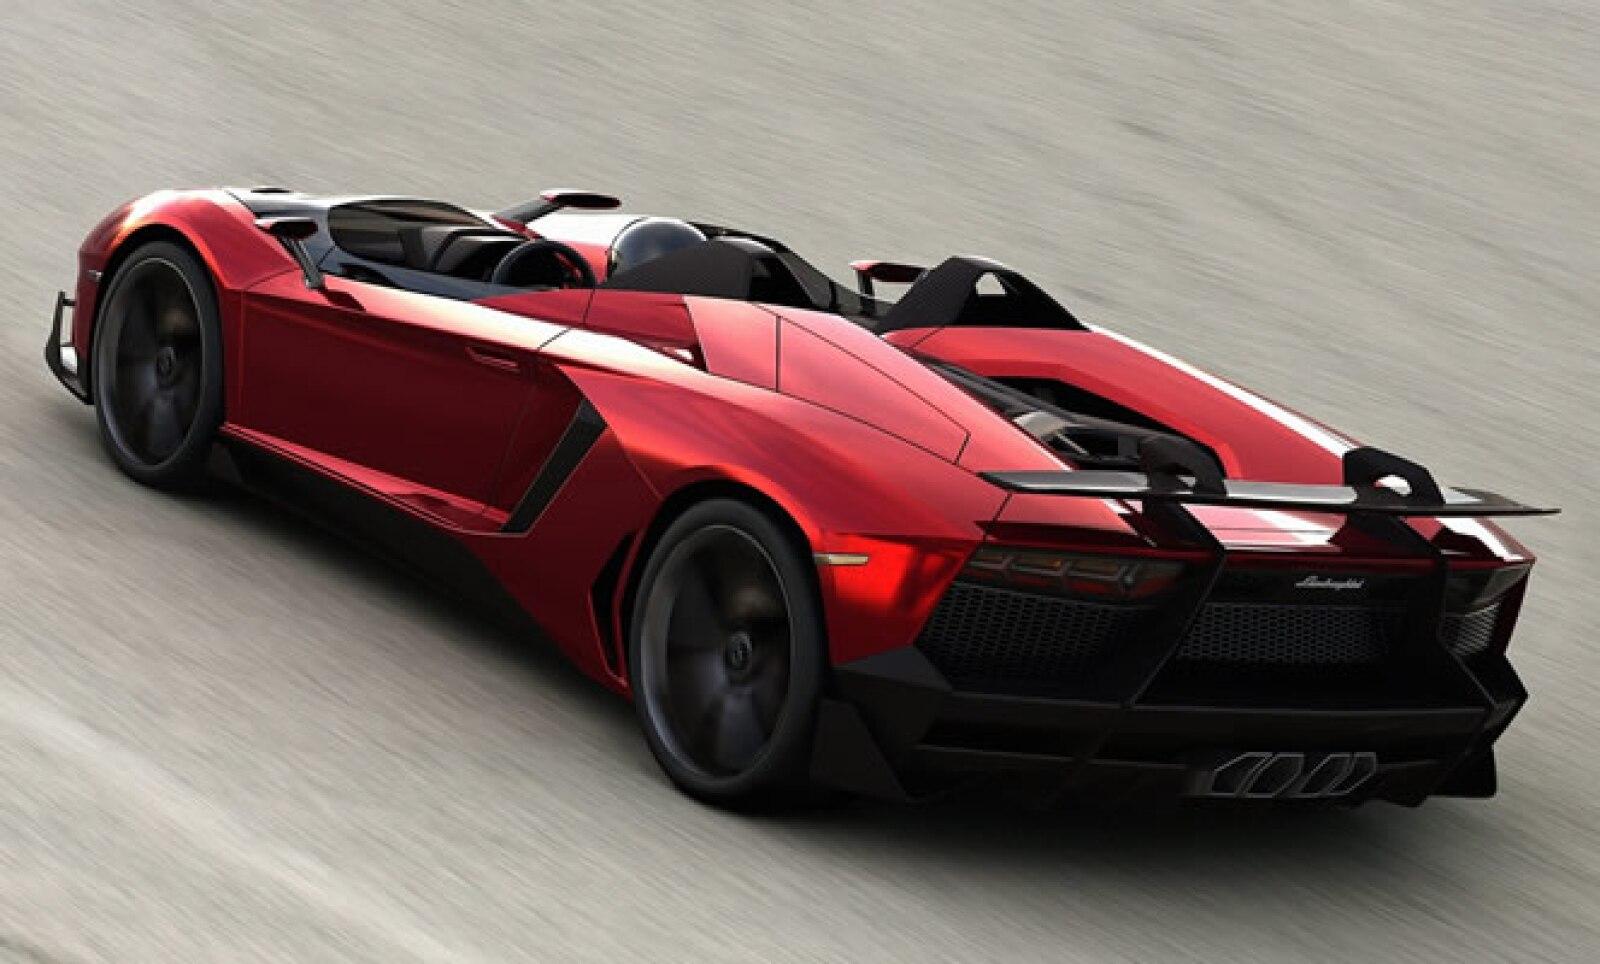 Su chasis está construido con materiales ligeros, alta resistencia y tiene un peso de 1,575 kilogramos.